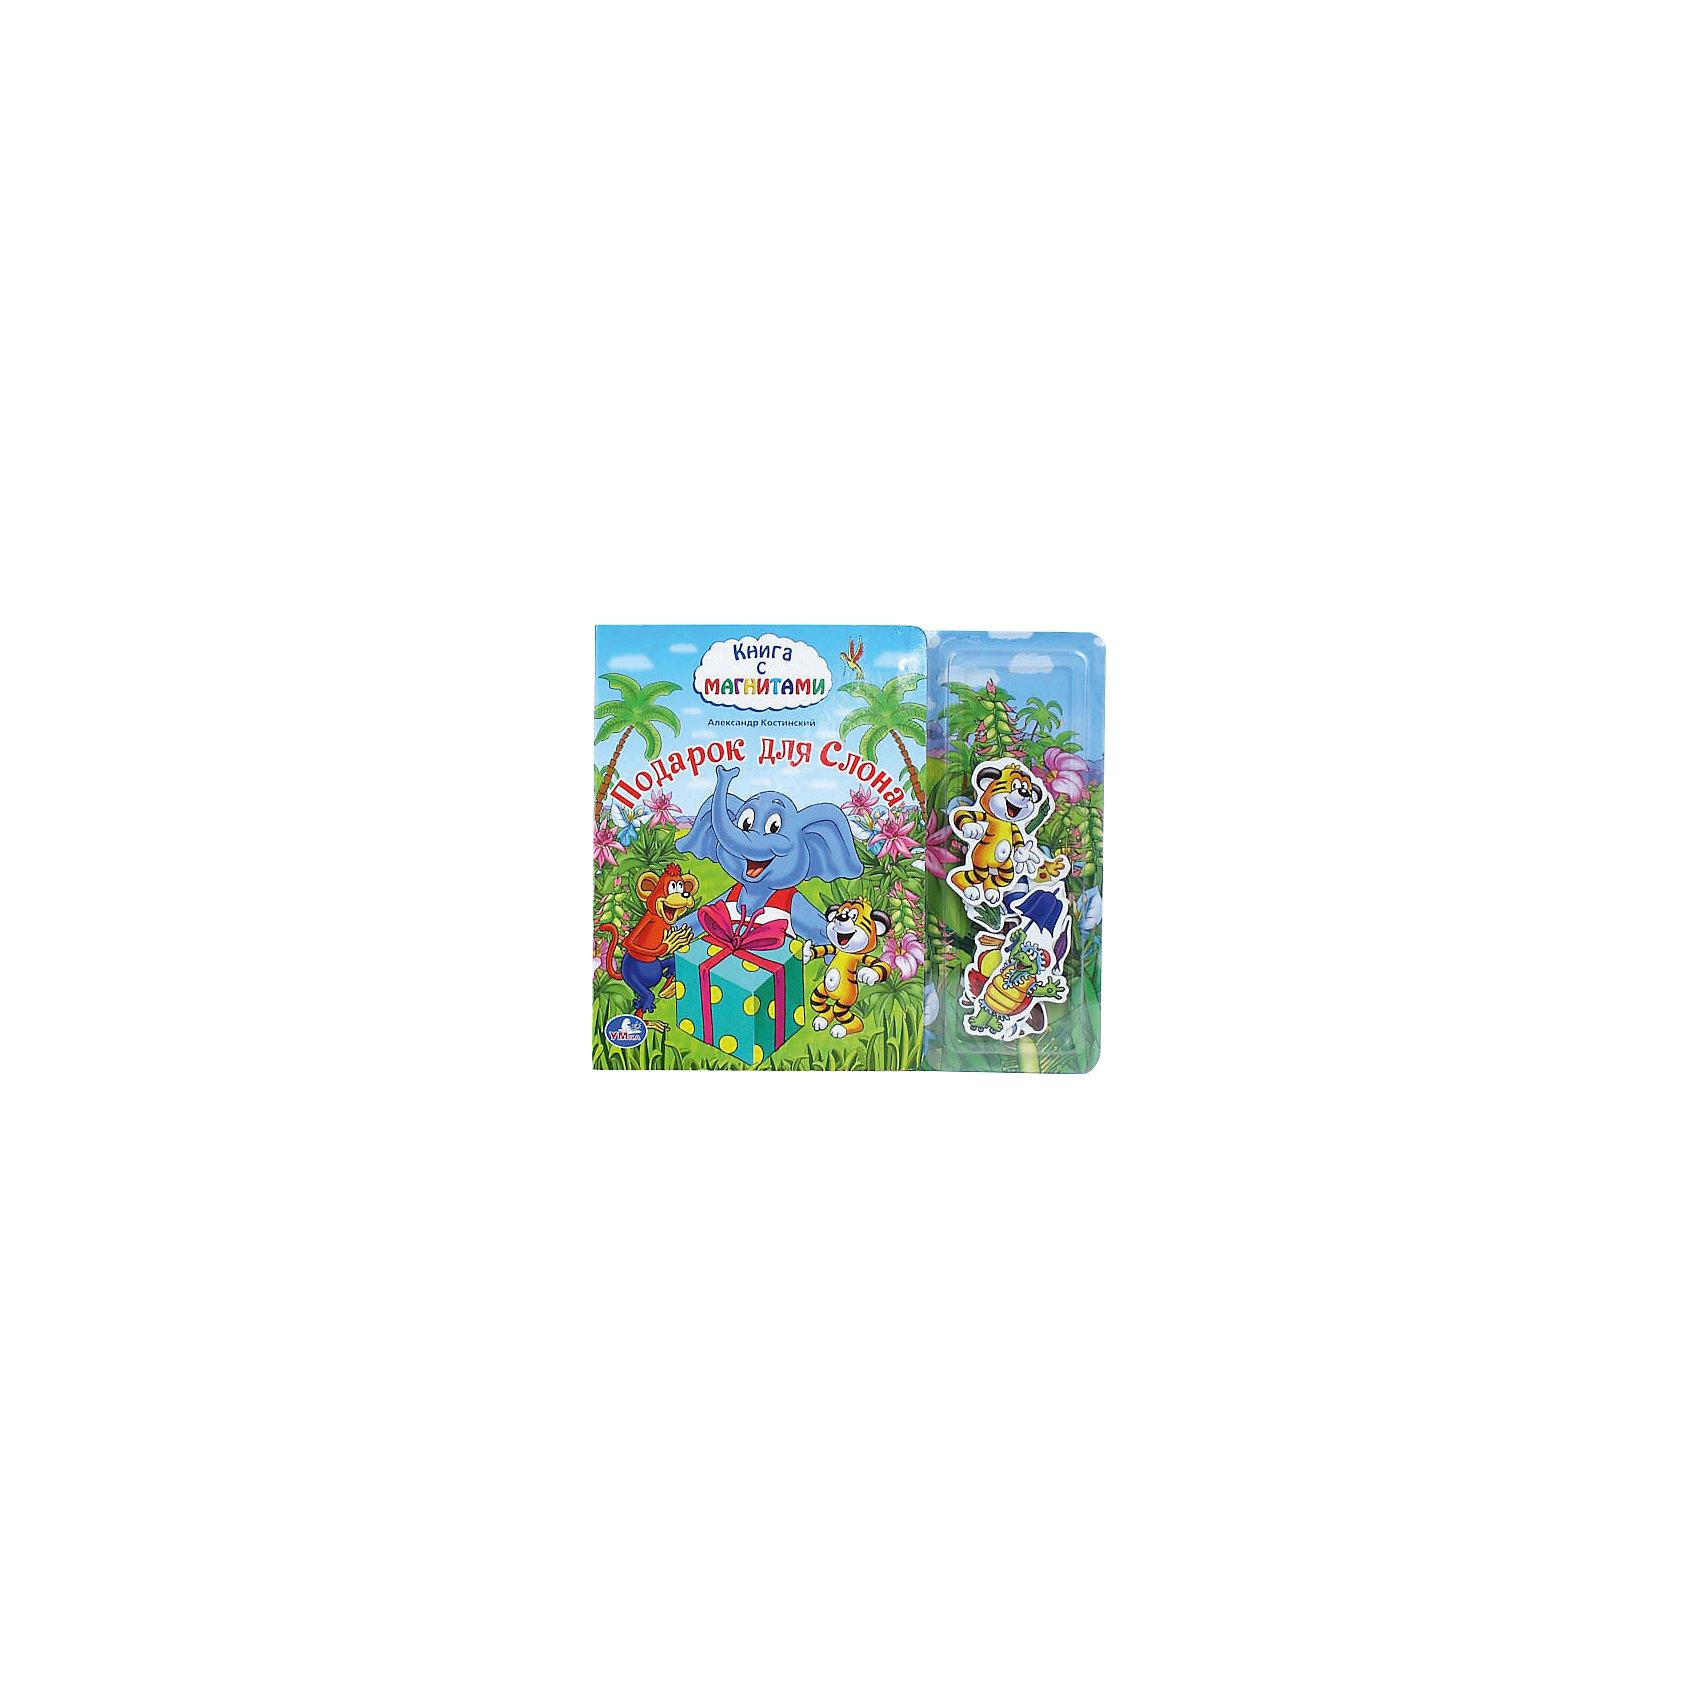 Книга с магнитами Подарок для слонаКрасочная книга с магнитными фигурками персонажей из мультфильма Подарок для слона. Книжка способствует развитию зрительного восприятия, образного мышления, мелкой моторики и логики. Книга дополнена яркими иллюстрациями, которые обязательно порадуют малышей и привлекут их внимание, плотные картонные страницы и крупный шрифт идеально подходят для маленьких детей. <br><br>Дополнительная информация:<br><br>- Формат: 20х23 см<br>- Переплет: картон.<br>- Количество страниц: 10.<br>- Иллюстрации: цветные.<br>- Автор: Александр Костинский.<br><br>Книгу с магнитами Подарок для слона, можно купить в нашем магазине.<br><br>Ширина мм: 230<br>Глубина мм: 200<br>Высота мм: 10<br>Вес г: 490<br>Возраст от месяцев: 12<br>Возраст до месяцев: 60<br>Пол: Унисекс<br>Возраст: Детский<br>SKU: 4053265